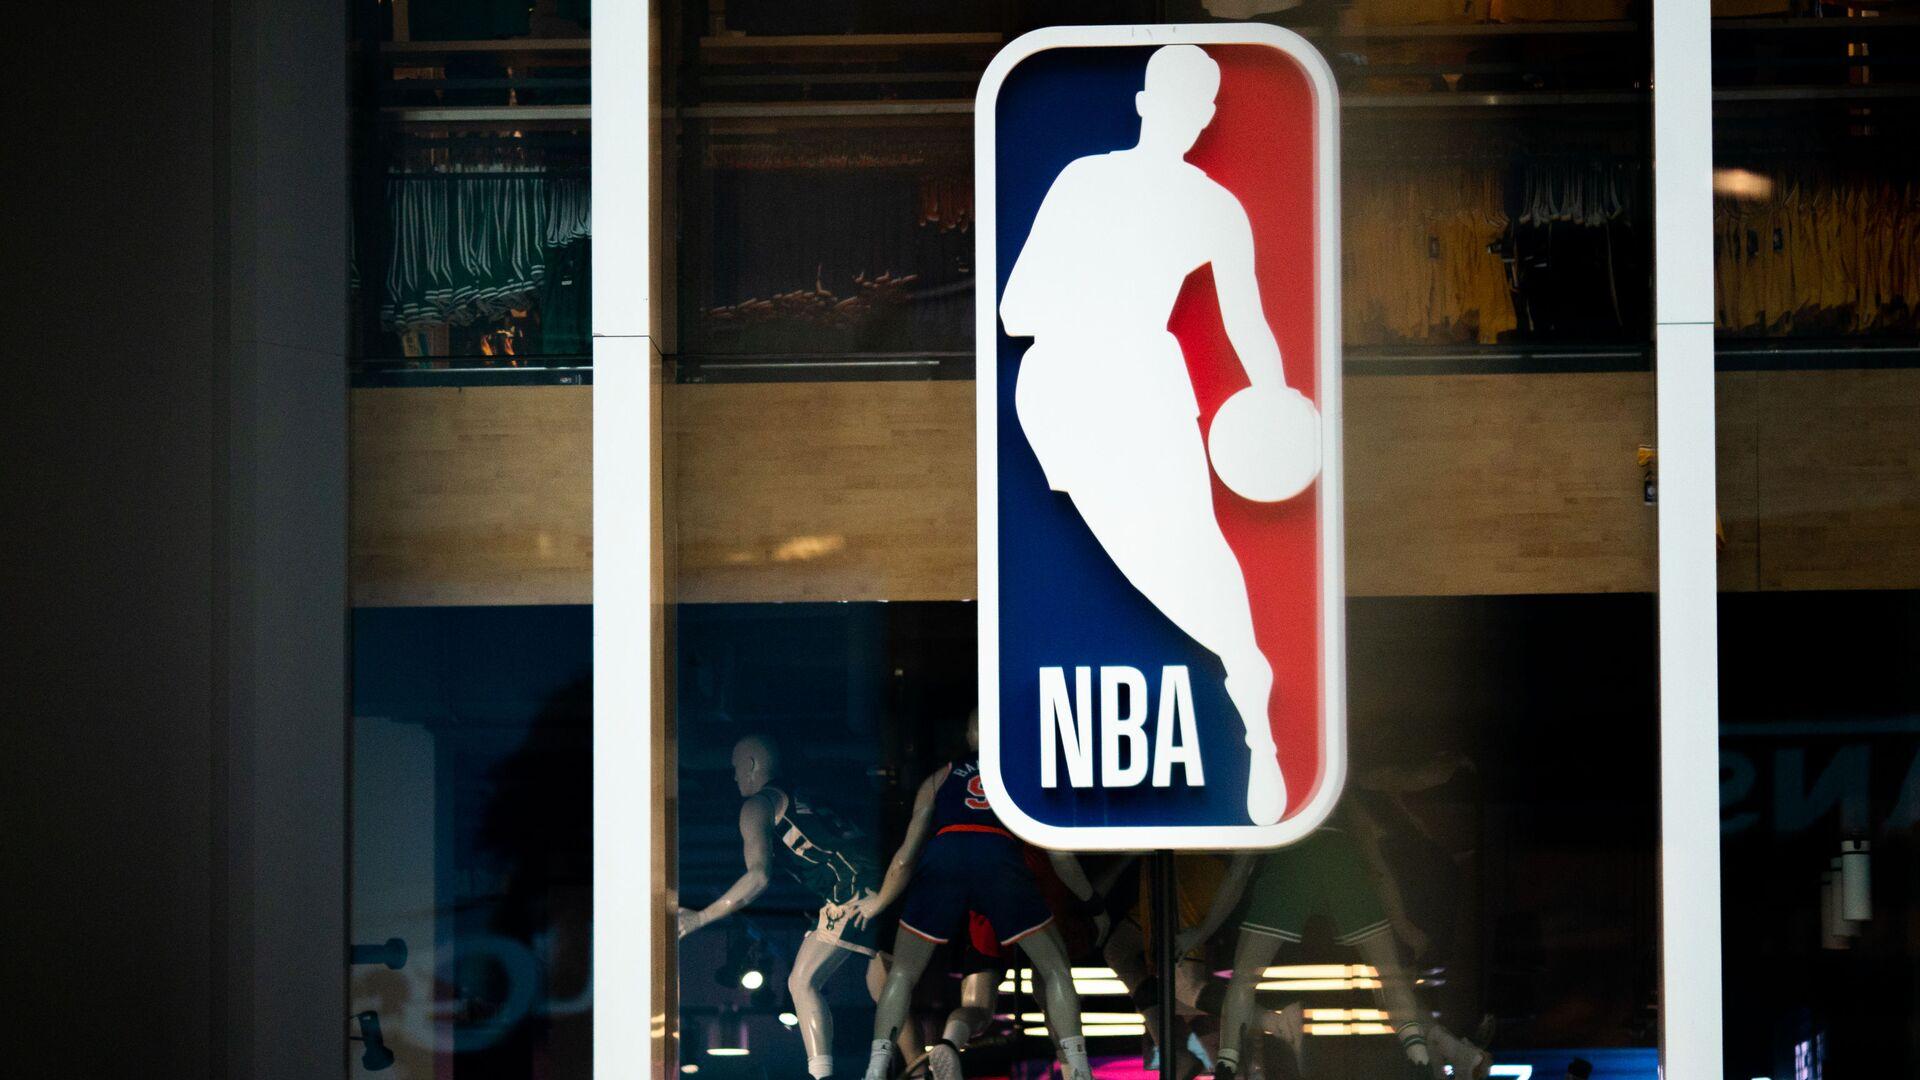 Το λογότυπο του NBA σε κατάστημα στη Νέα Υόρκη - Sputnik Ελλάδα, 1920, 31.08.2021